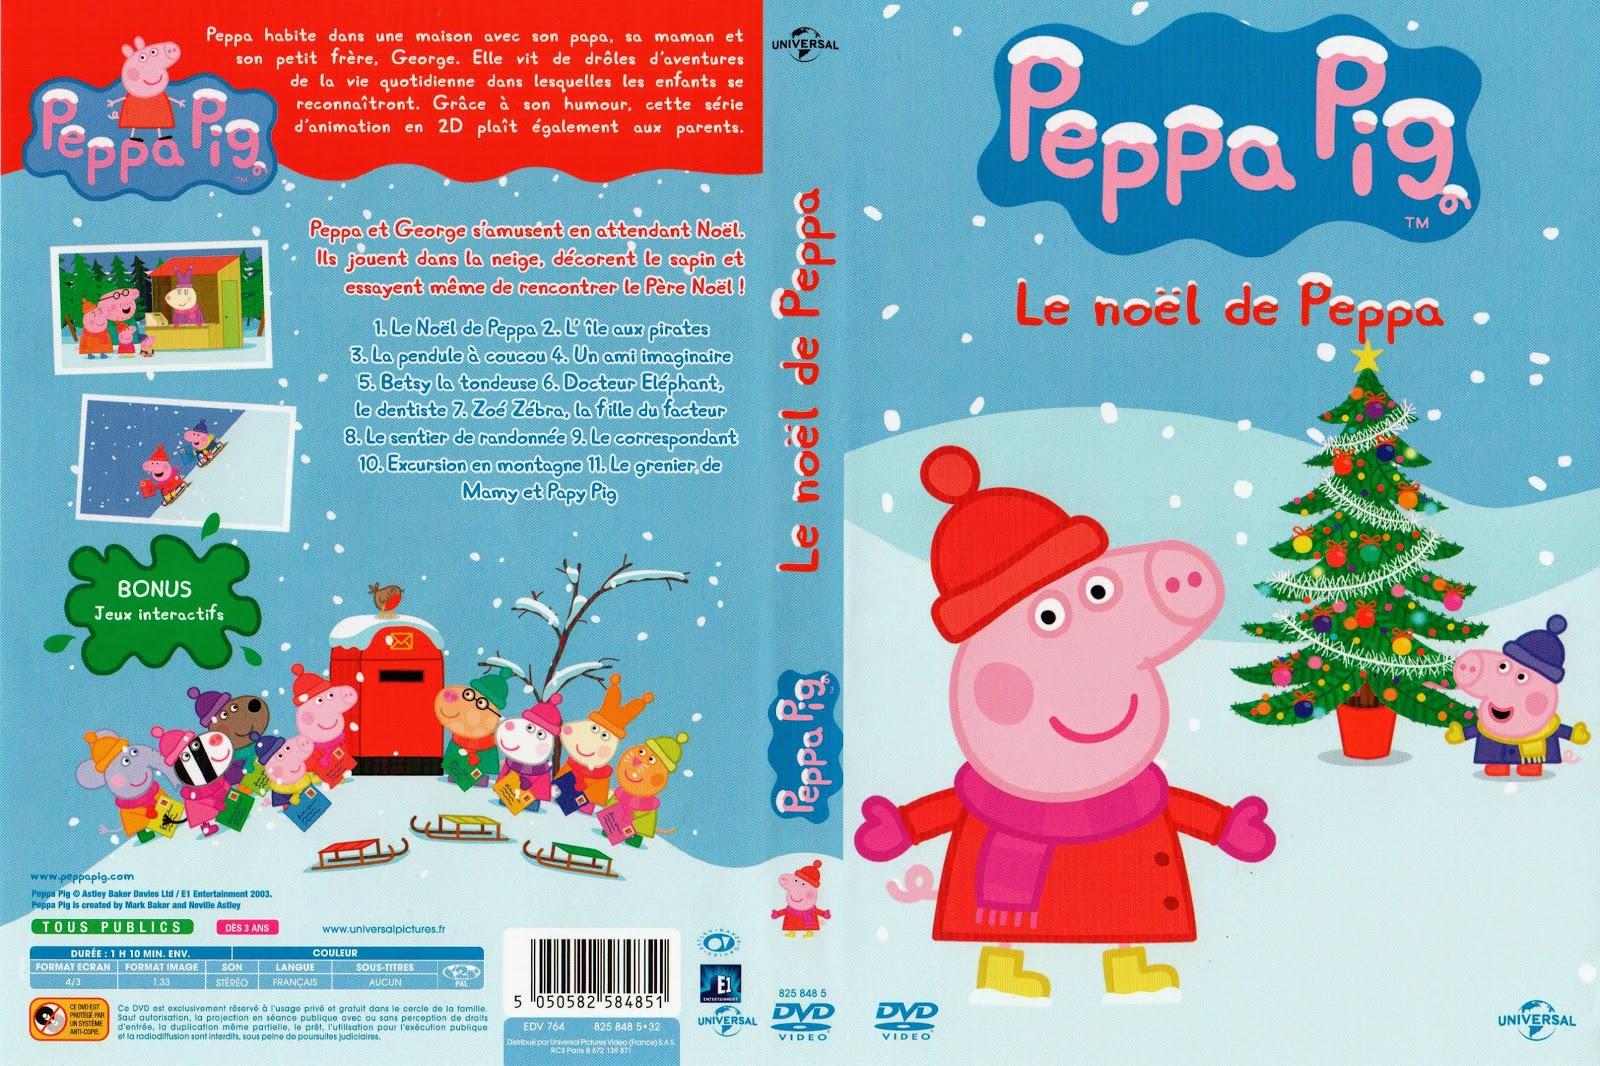 Jaquette dvd peppa pig no l de peppa - Peppa cochon noel ...